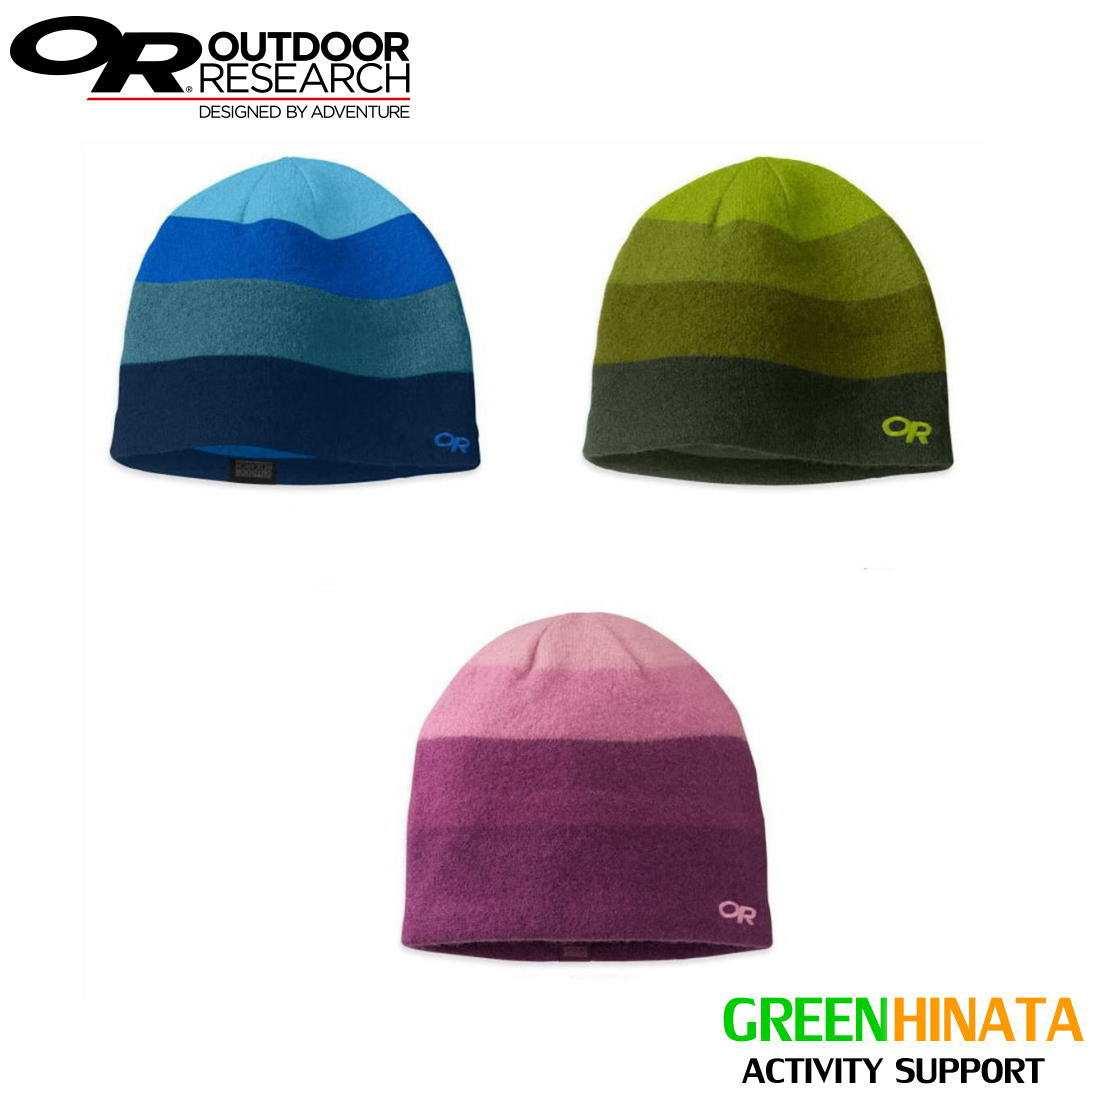 【国内正規品】 アウトドアリサーチ グランジエントハット ニットキャップ OUTDOORRESEARCH Gradient HatEvergreen/Hops ビーニー 帽子